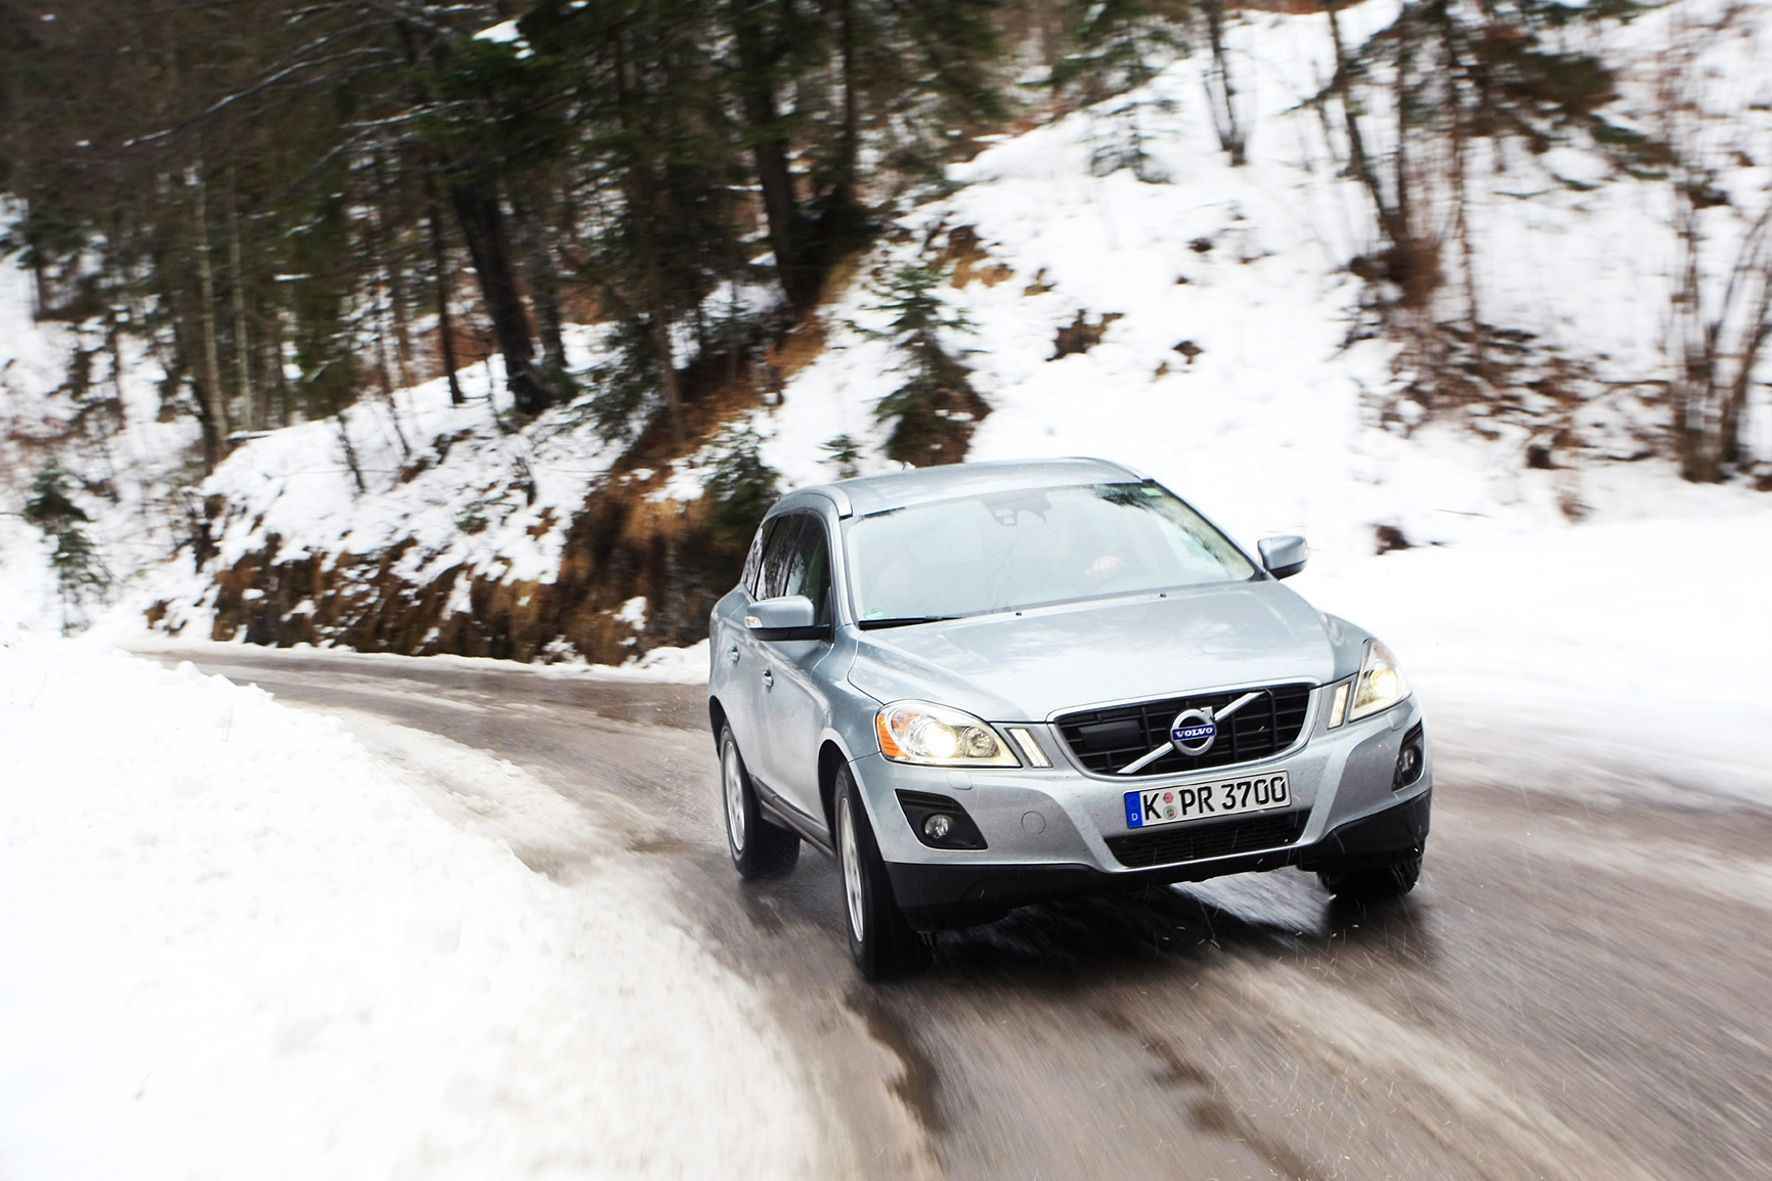 mid Groß-Gerau - Ein neues System kann Fahrer vor Glätte warnen - das schwedische Unternehmen NIRA Dynamics hat es entwickelt.